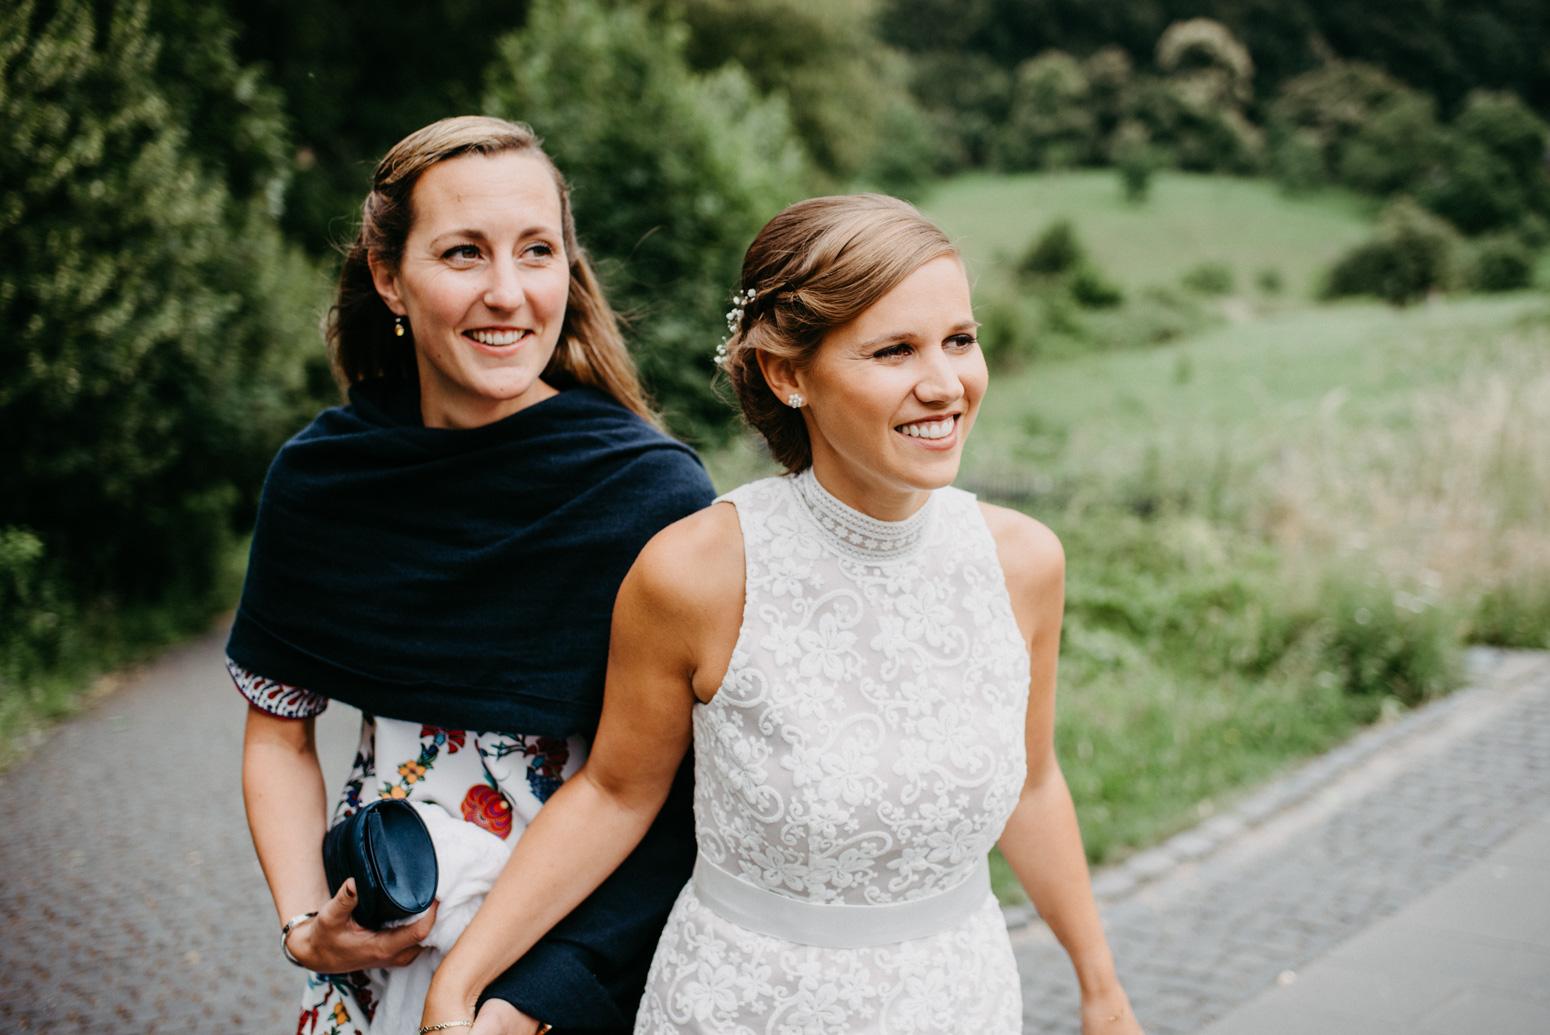 Braut und Trauzeugin sind auf dem Weg zur Trauung auf Schloss Drachenburg